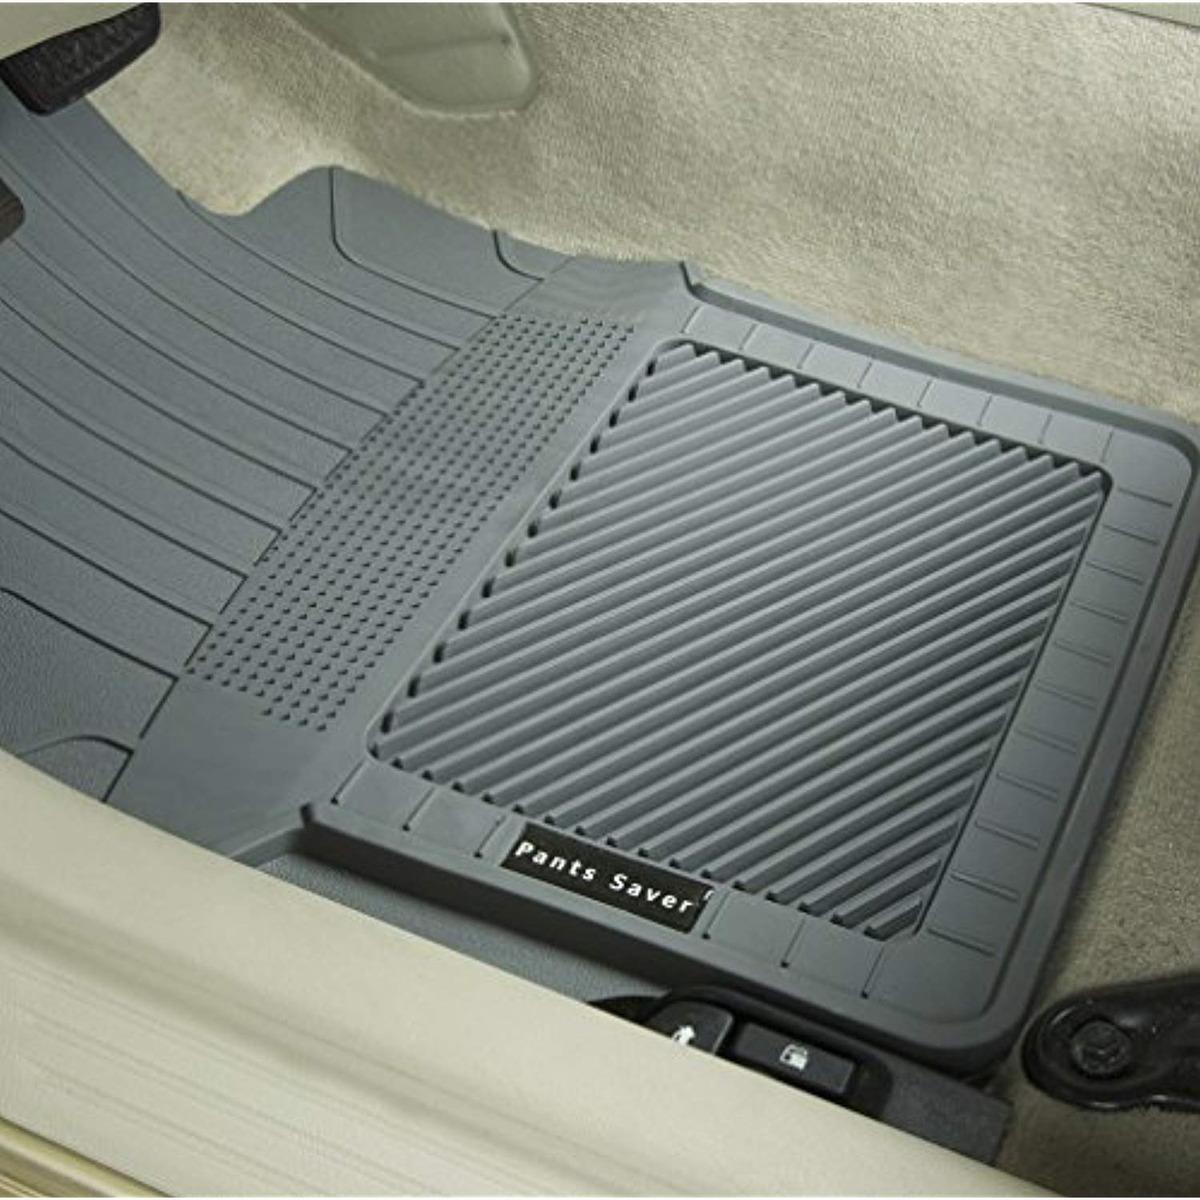 2009 4 Piece Floor 2012 2013 Toyota Highlander Beige Loop Driver 2010 Passenger 2nd /& 3rd Row GGBAILEY D60120-LSA-BG-LP Custom Fit Car Mats for 2008 2011